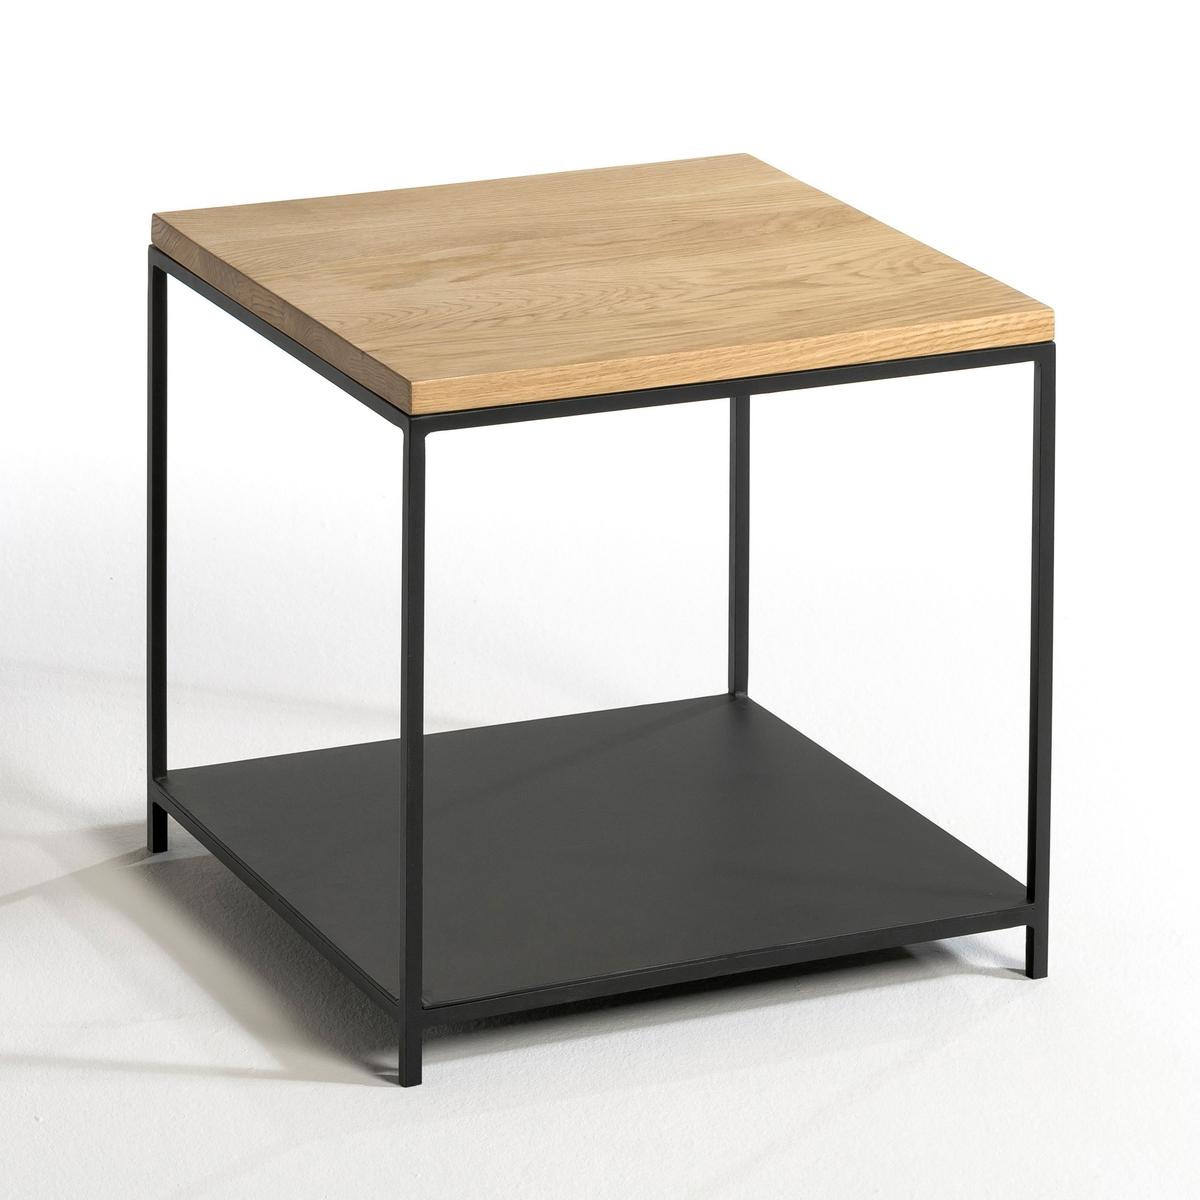 Столик журнальный из массива дуба, Aranza столик журнальный квадратный из массива дуба crueso